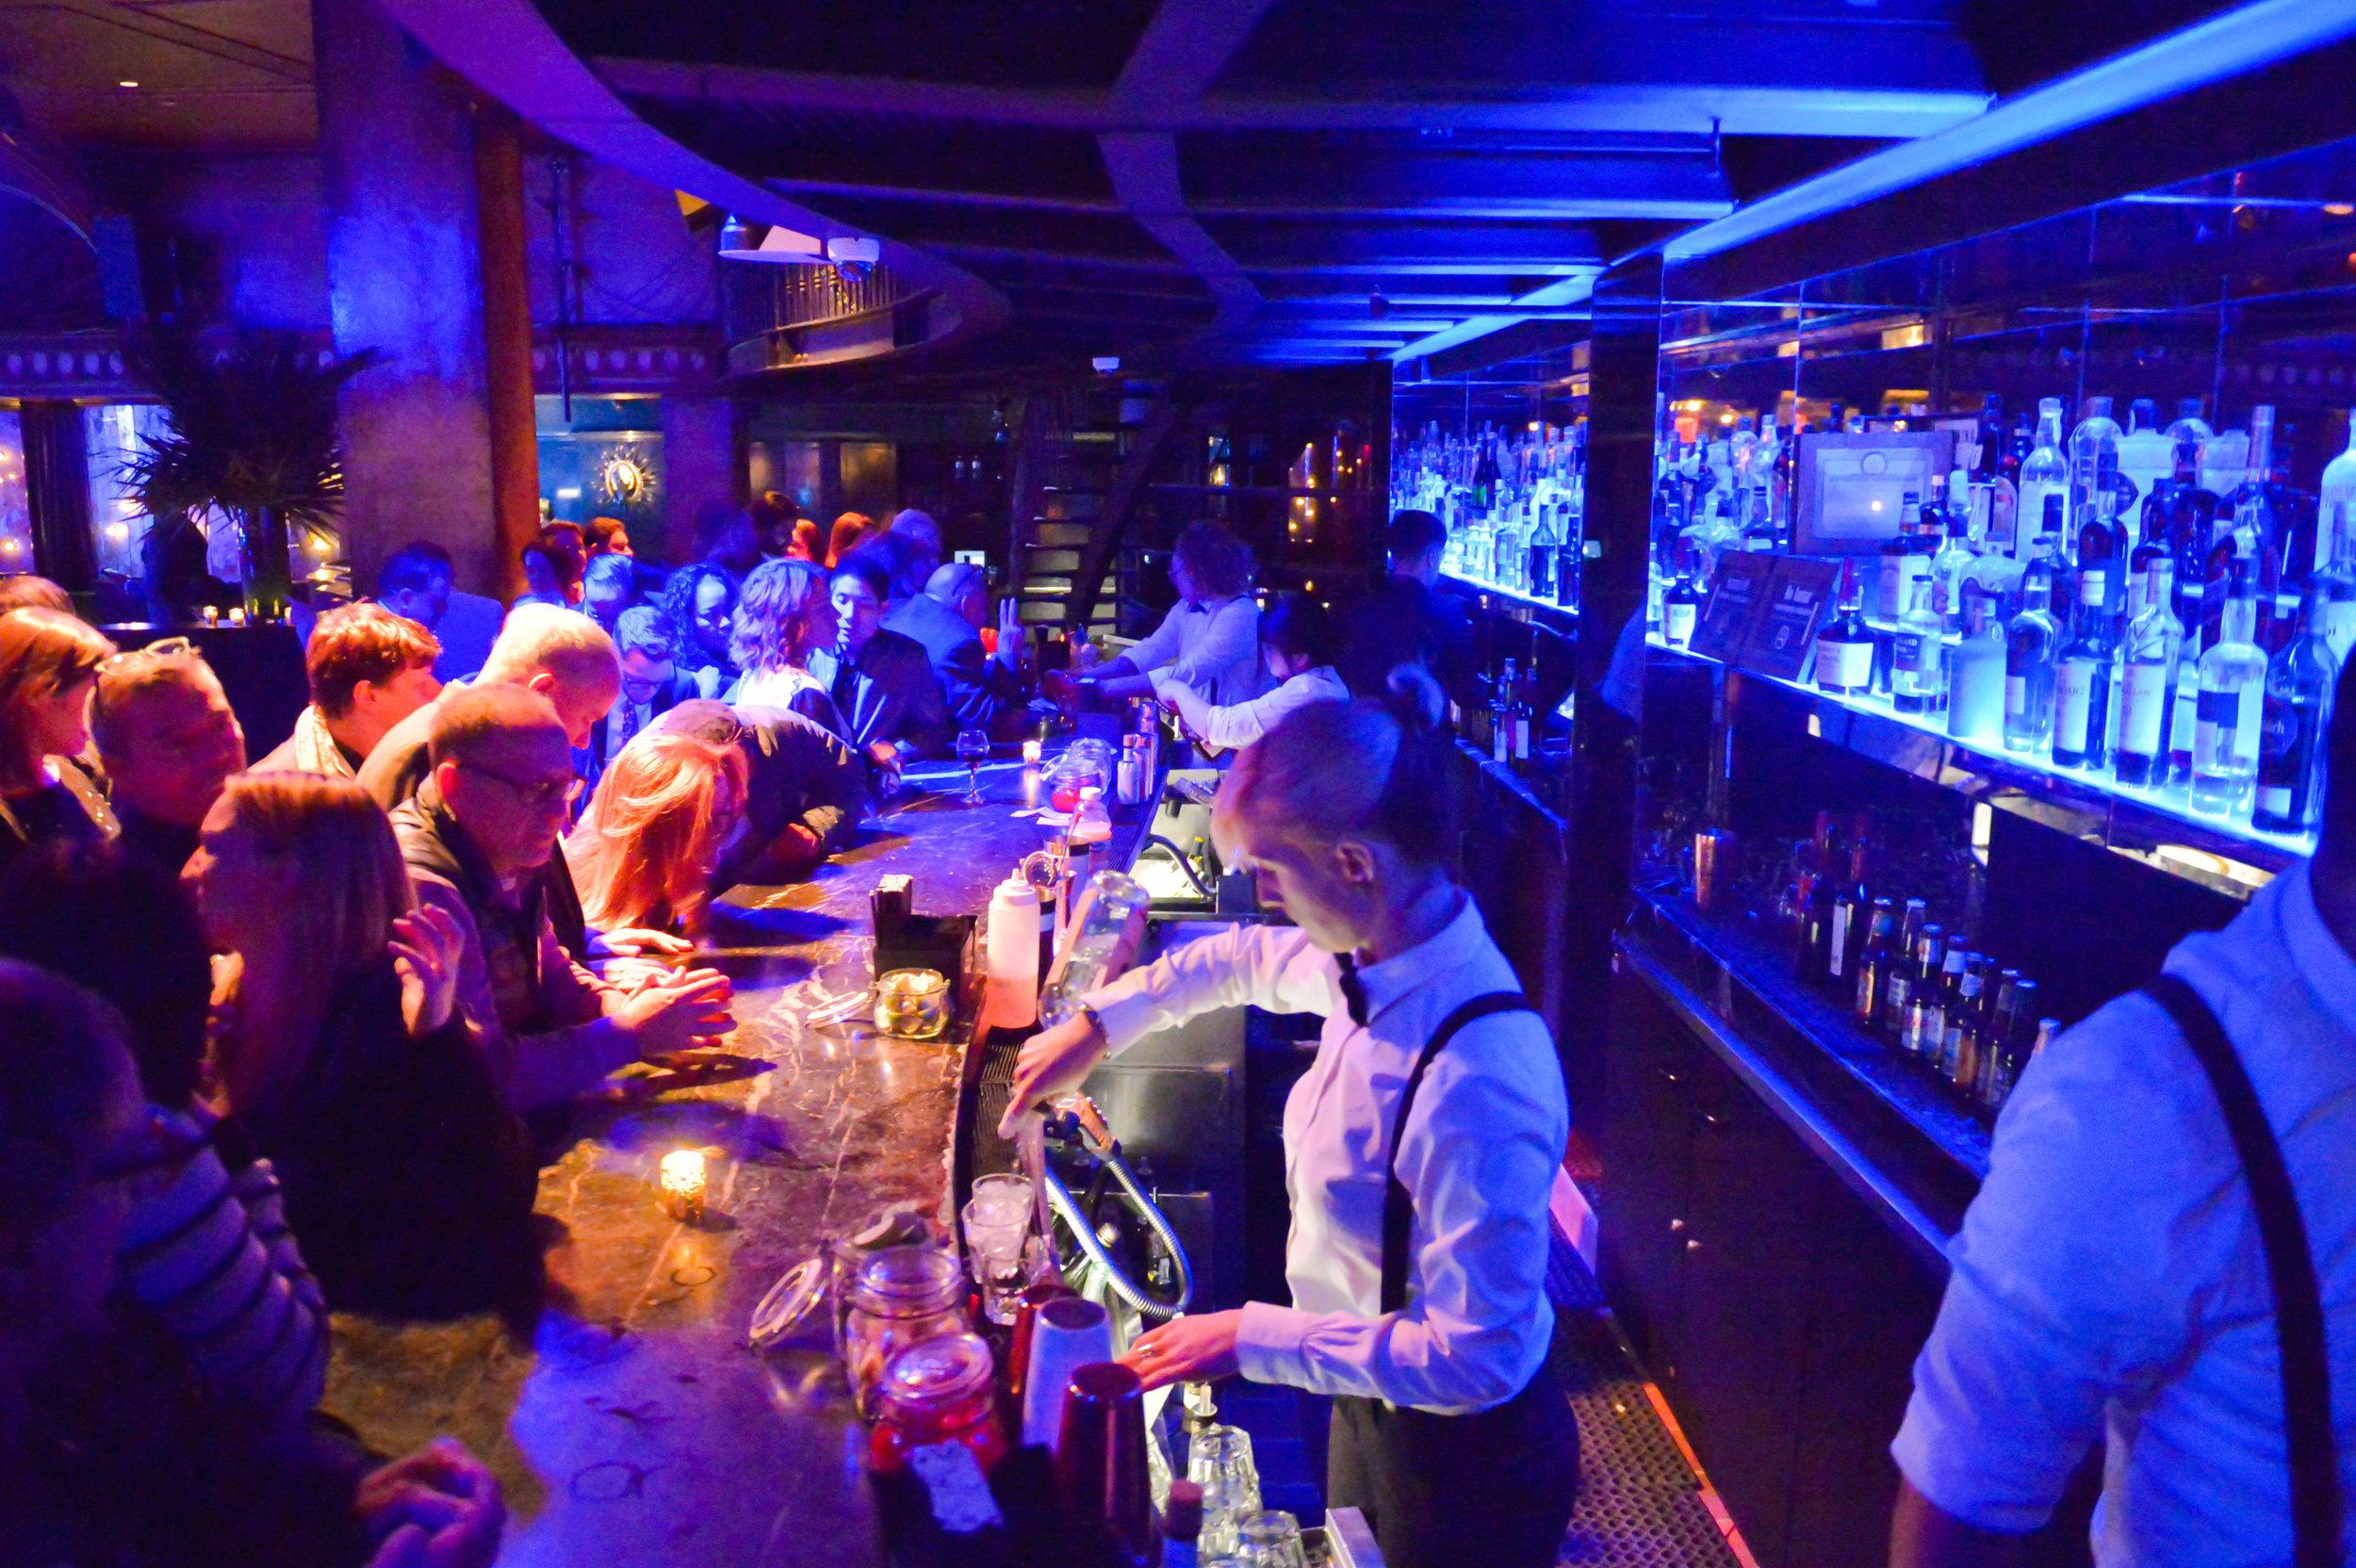 OHelloMedia-BizBashHallofFameNYC-Food&Bar-7386.jpg